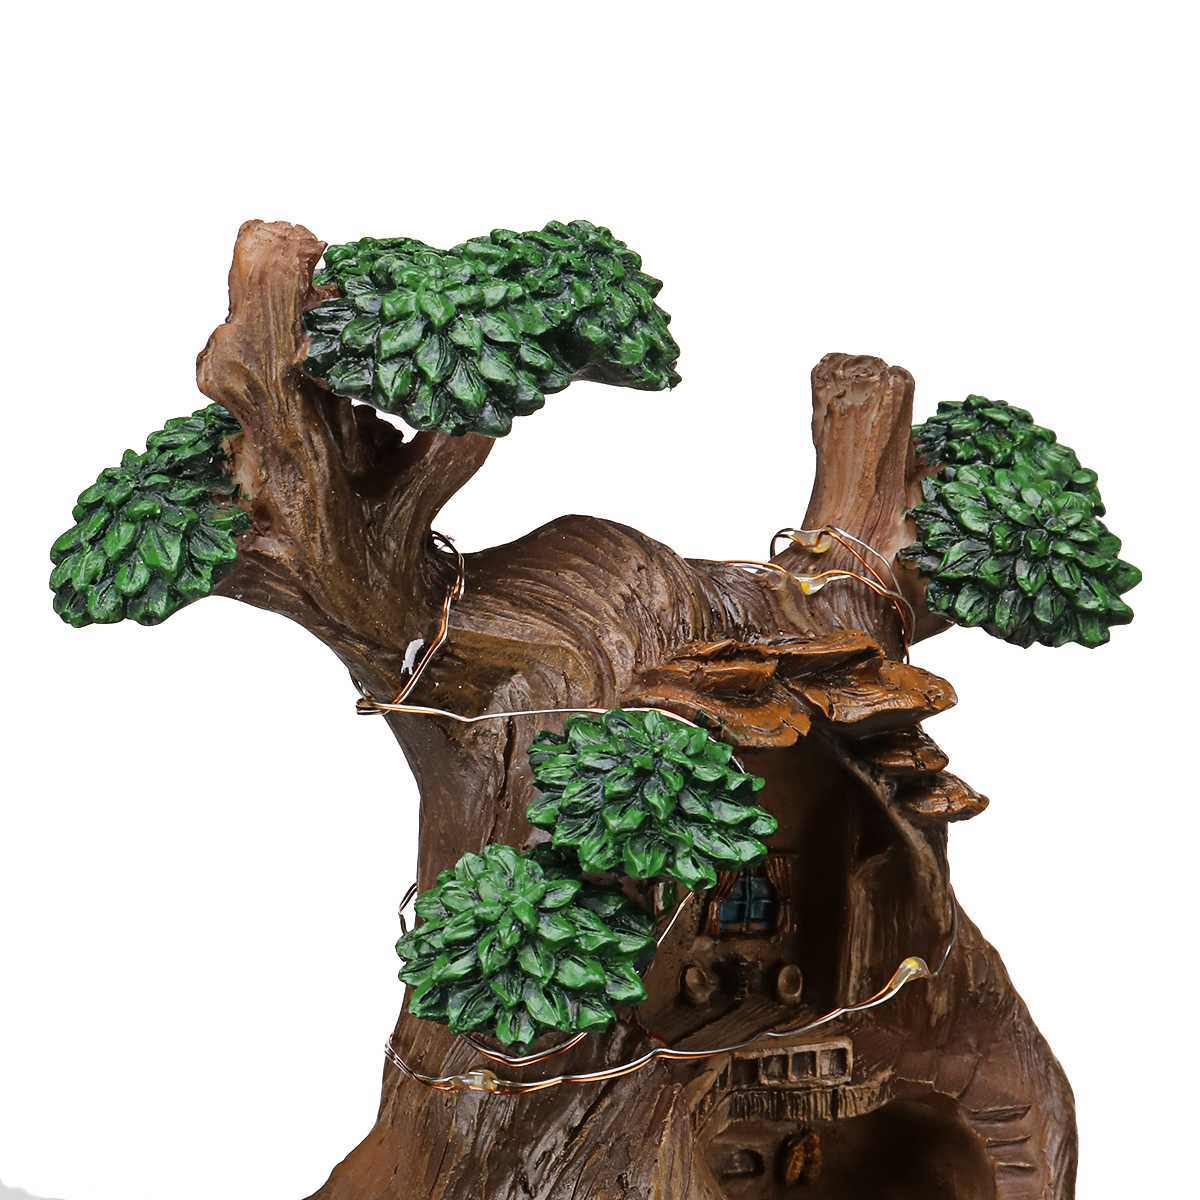 LED 植物の花の植物多肉植物 Diy のコンテナと装飾ミニ妖精の庭の家の装飾